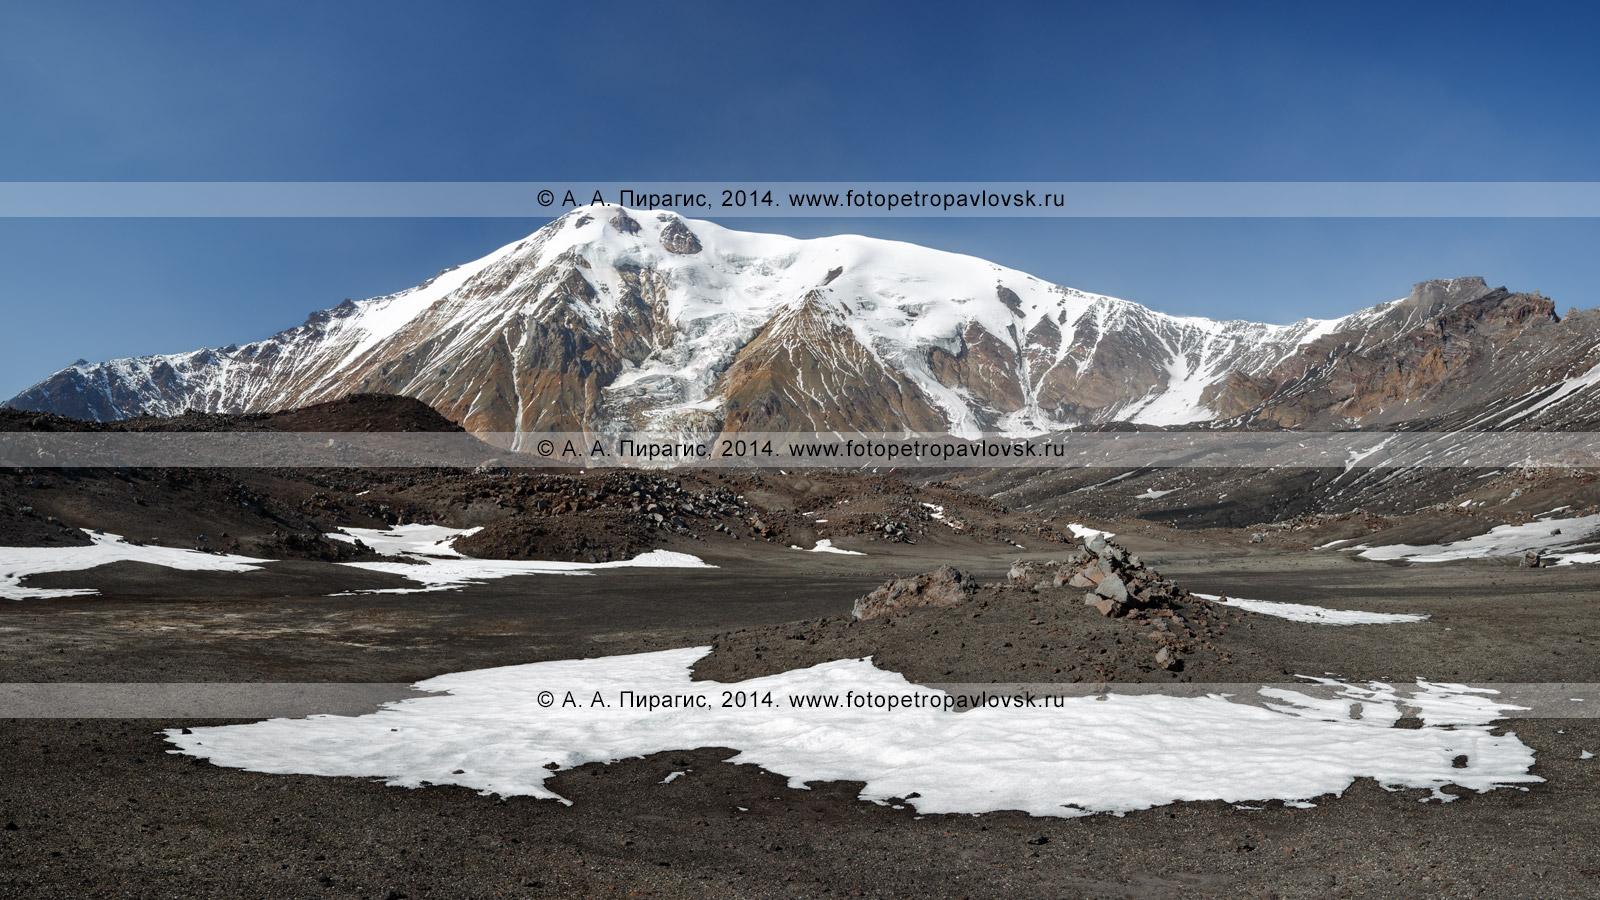 """Фотография (панорама): вершина вулкана Острый Толбачик (Ostry """"Sharp"""" Tolbachik), вид со склона вулкан Плоский Толбачик (Plosky """"Flat"""" Tolbachik). Полуостров Камчатка, Ключевская группа вулканов"""